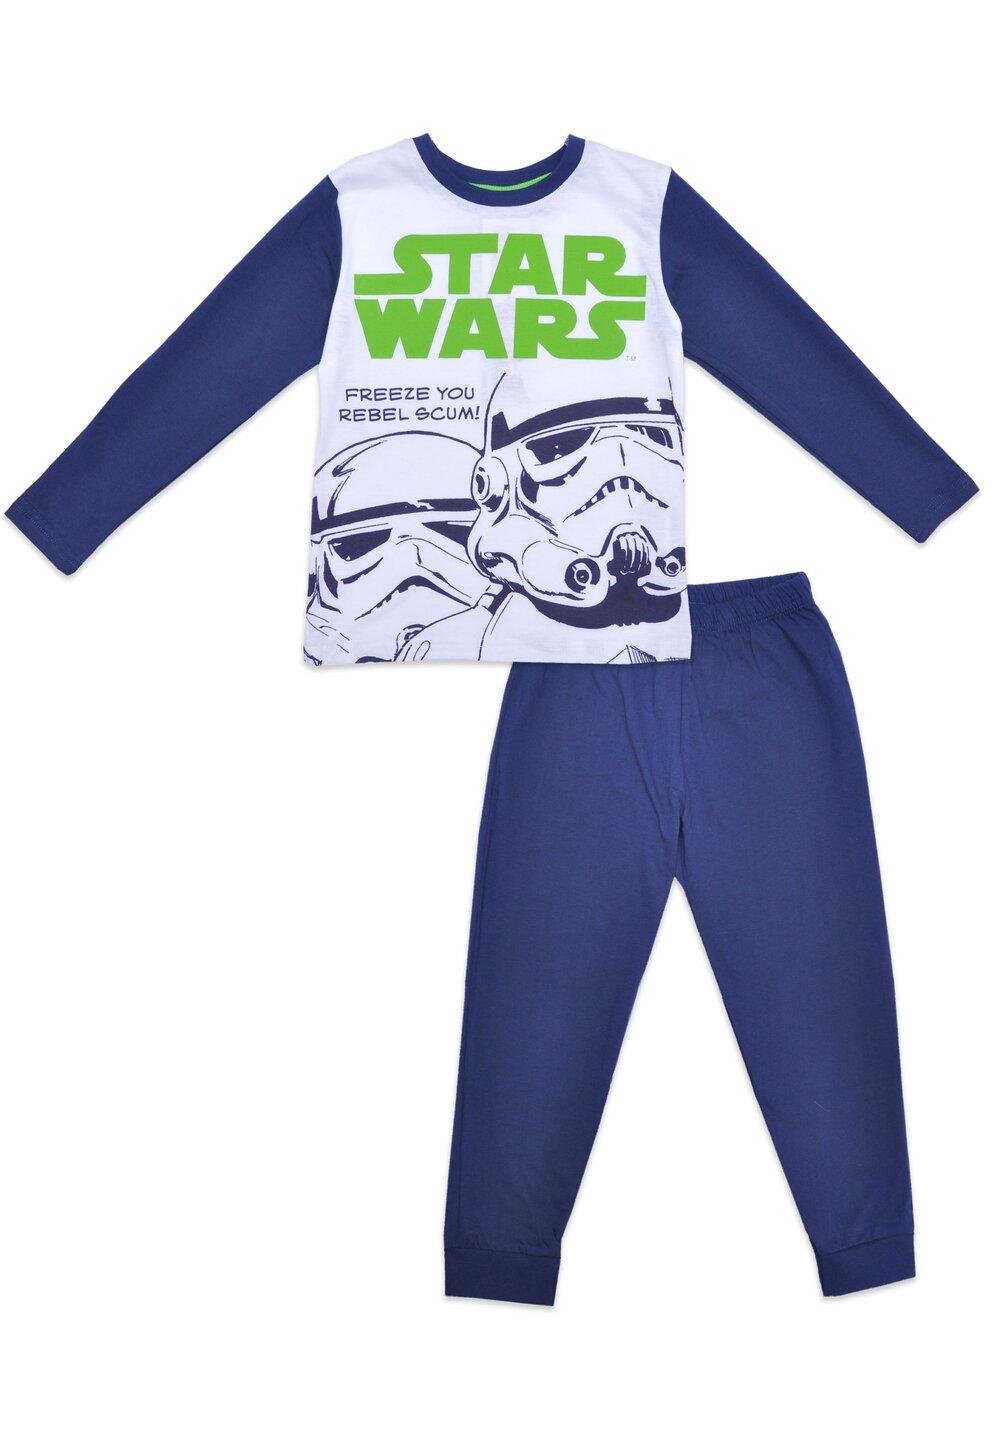 Pijama, Star wars, bluemarin